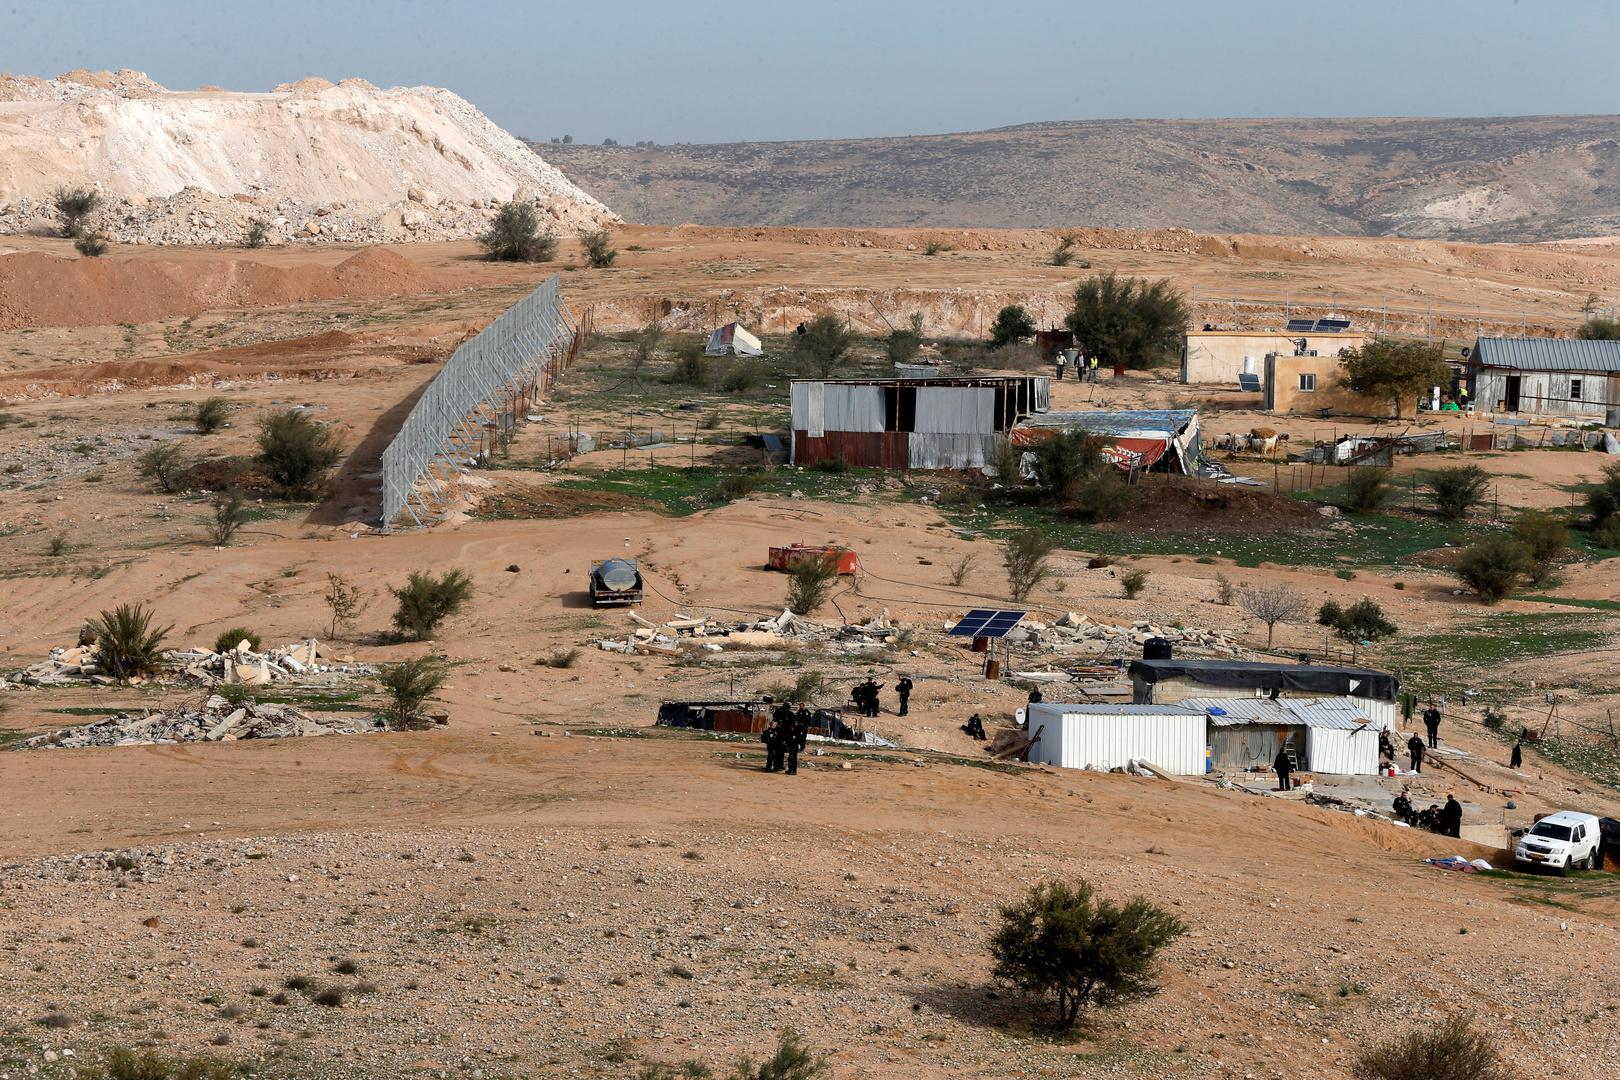 قرية في النقب، صورة تعبيرية من الأرشيف